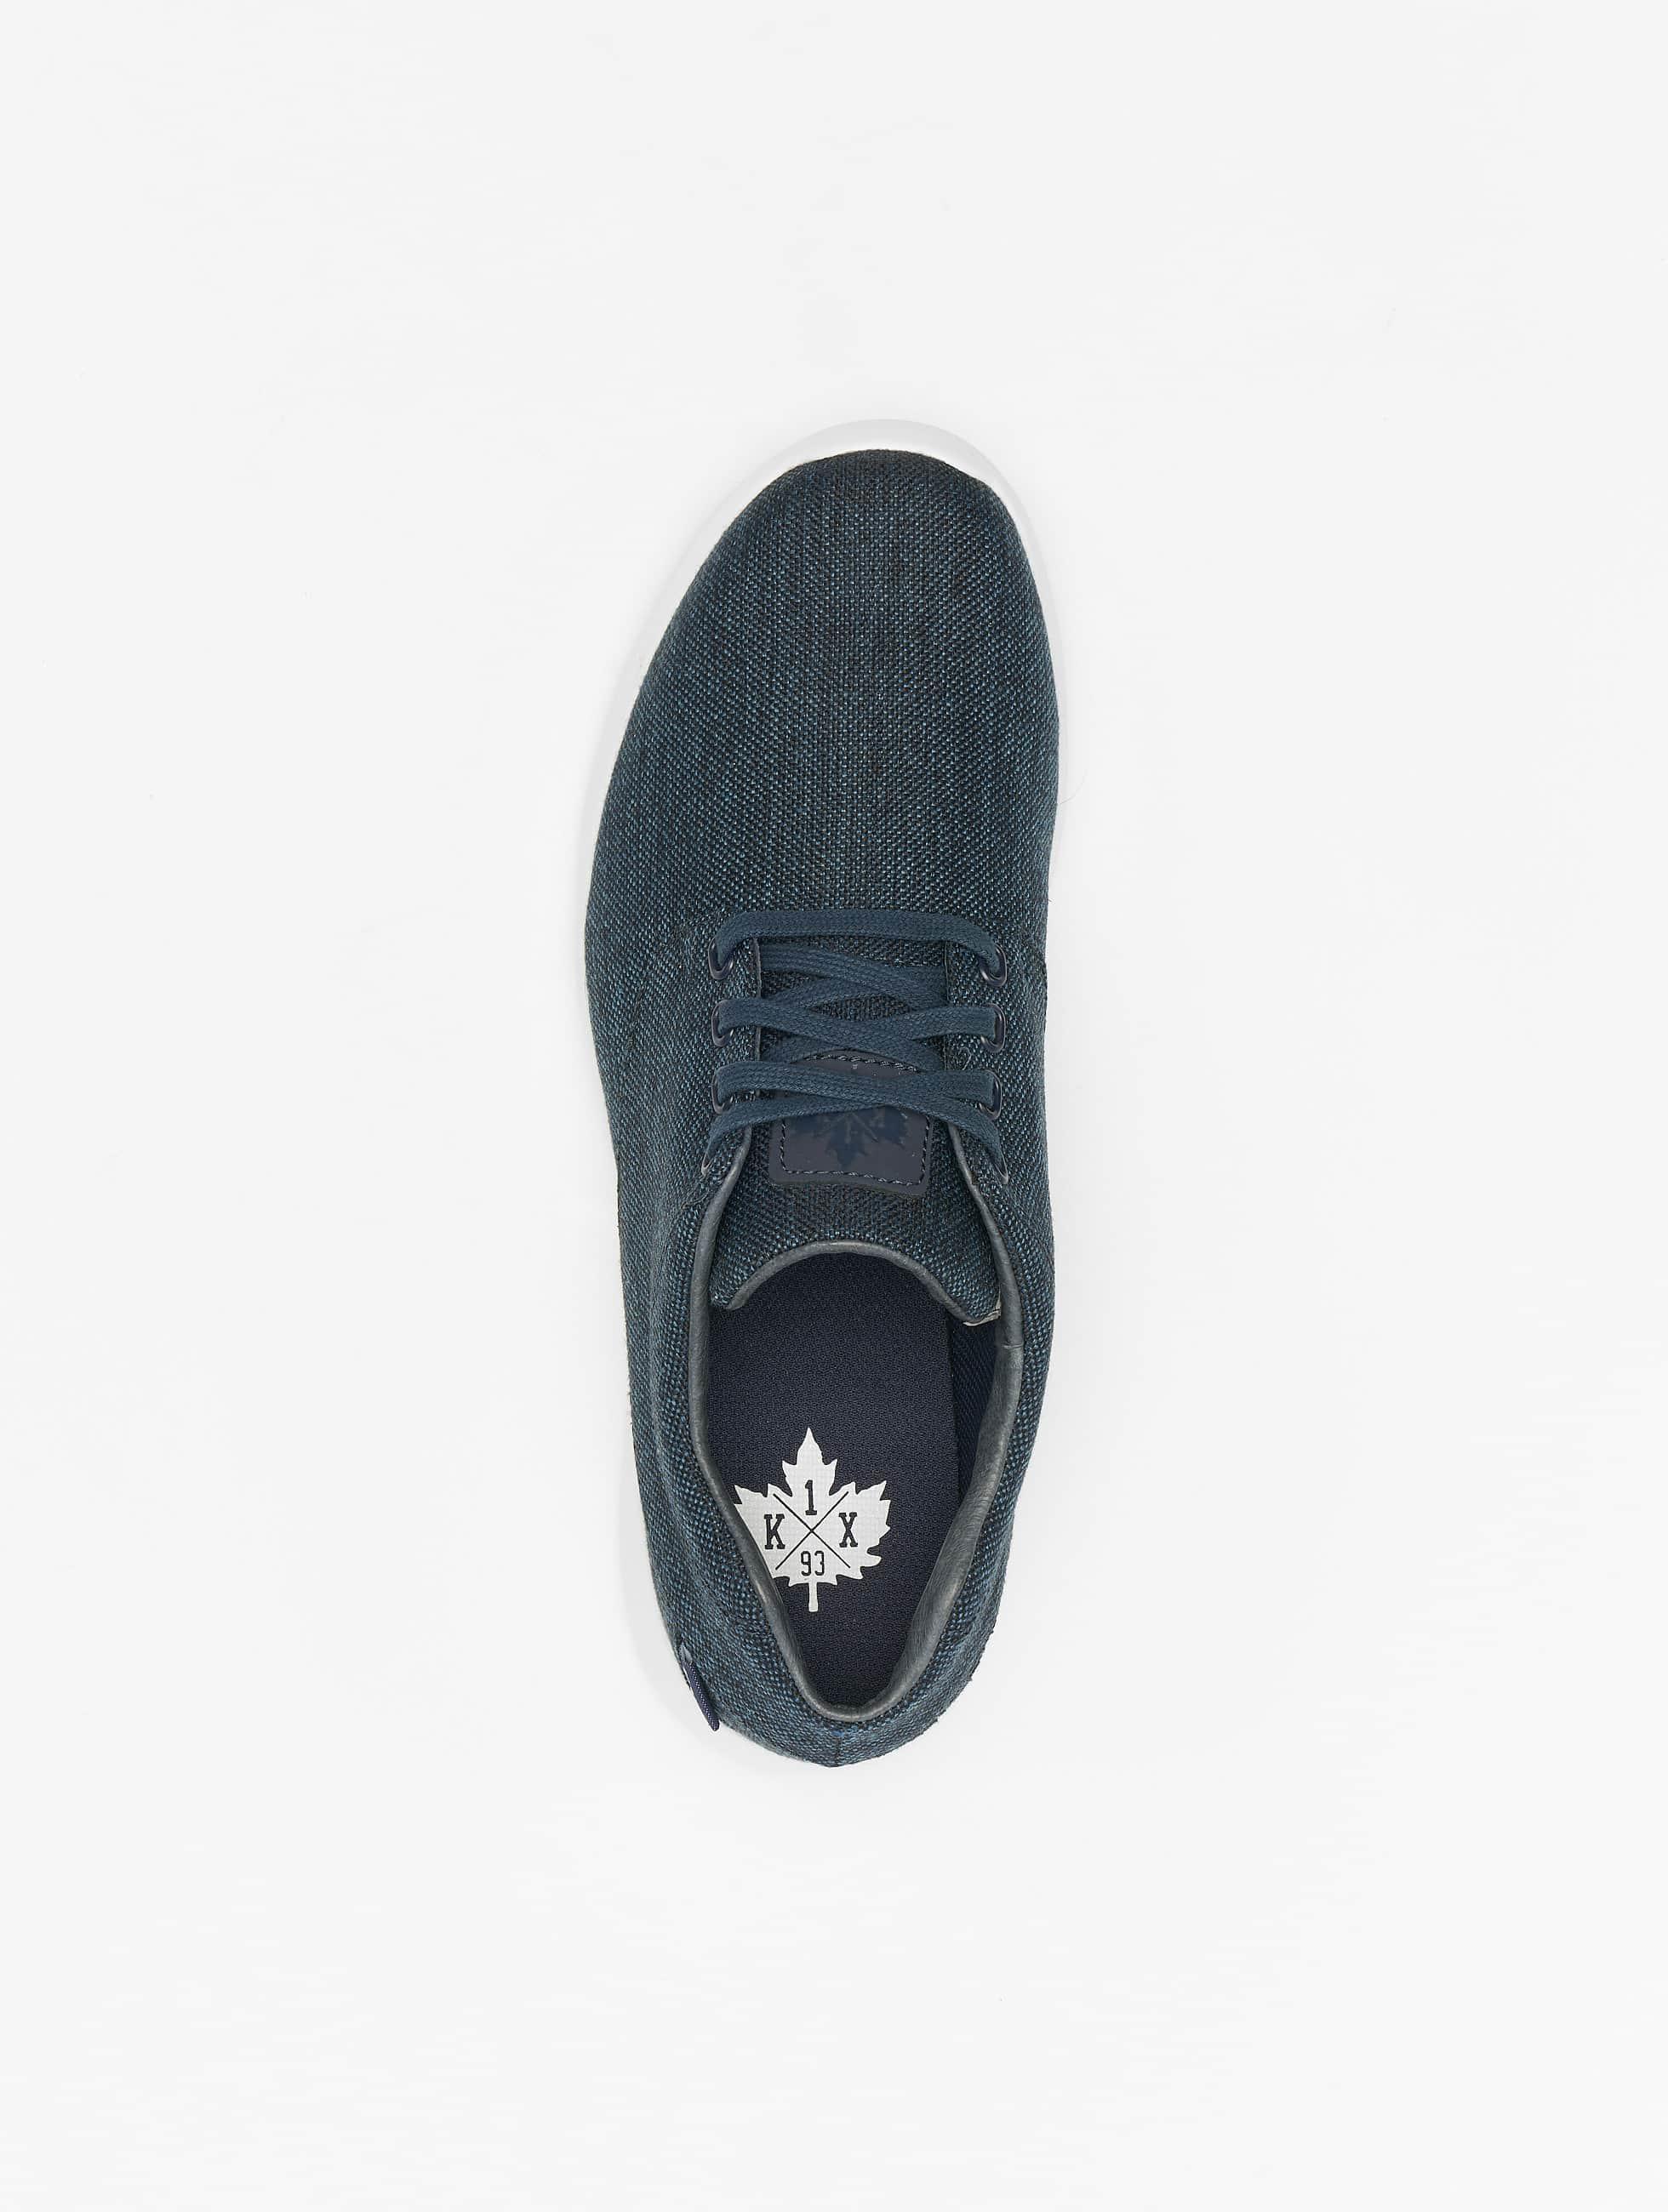 K1X Sneaker Dress Up Light Weight blau